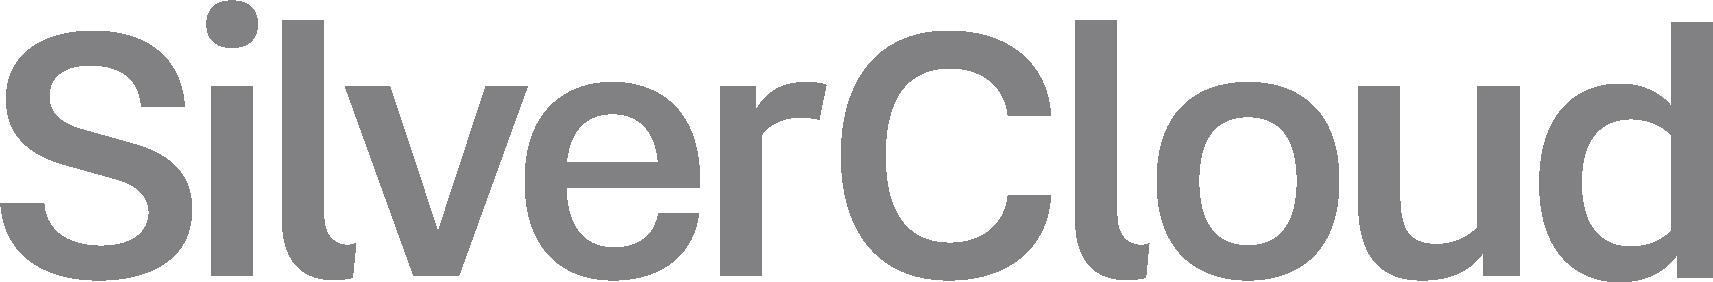 silver-logo